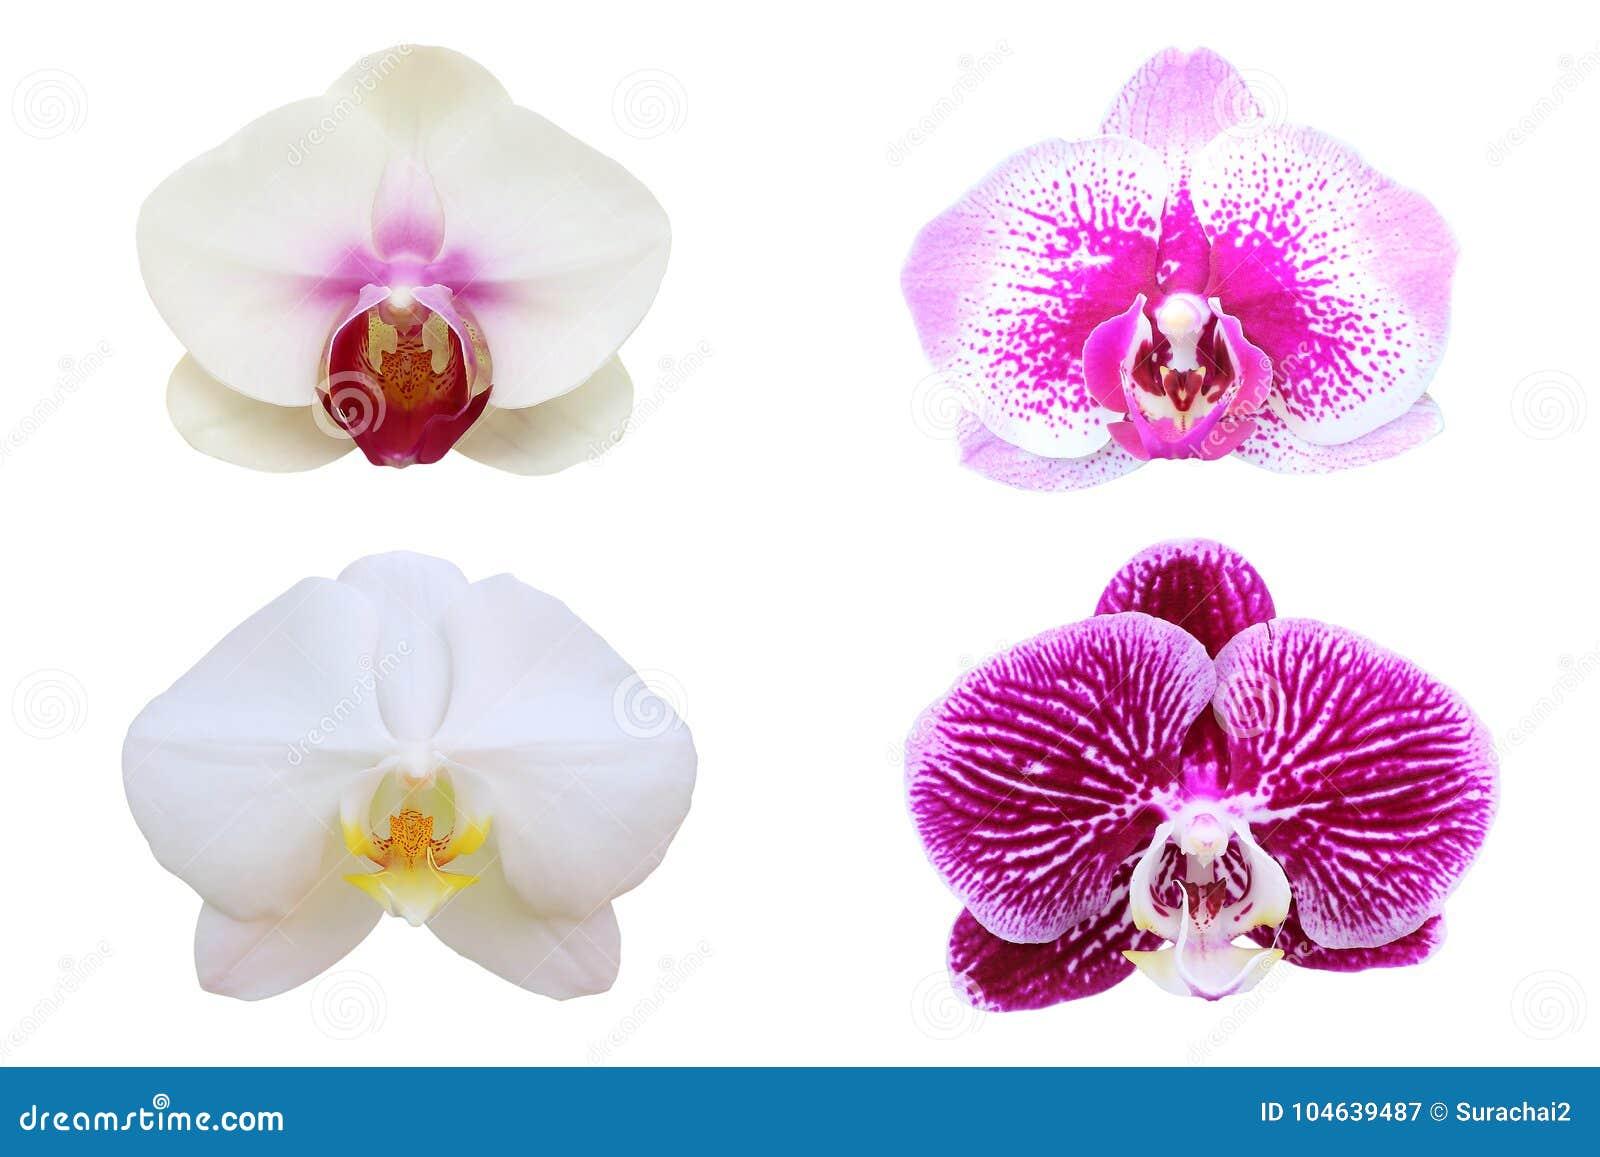 Download De Bloem Van De Orchidee Die Op Wit Wordt Geïsoleerd Stock Afbeelding - Afbeelding bestaande uit tuin, helder: 104639487